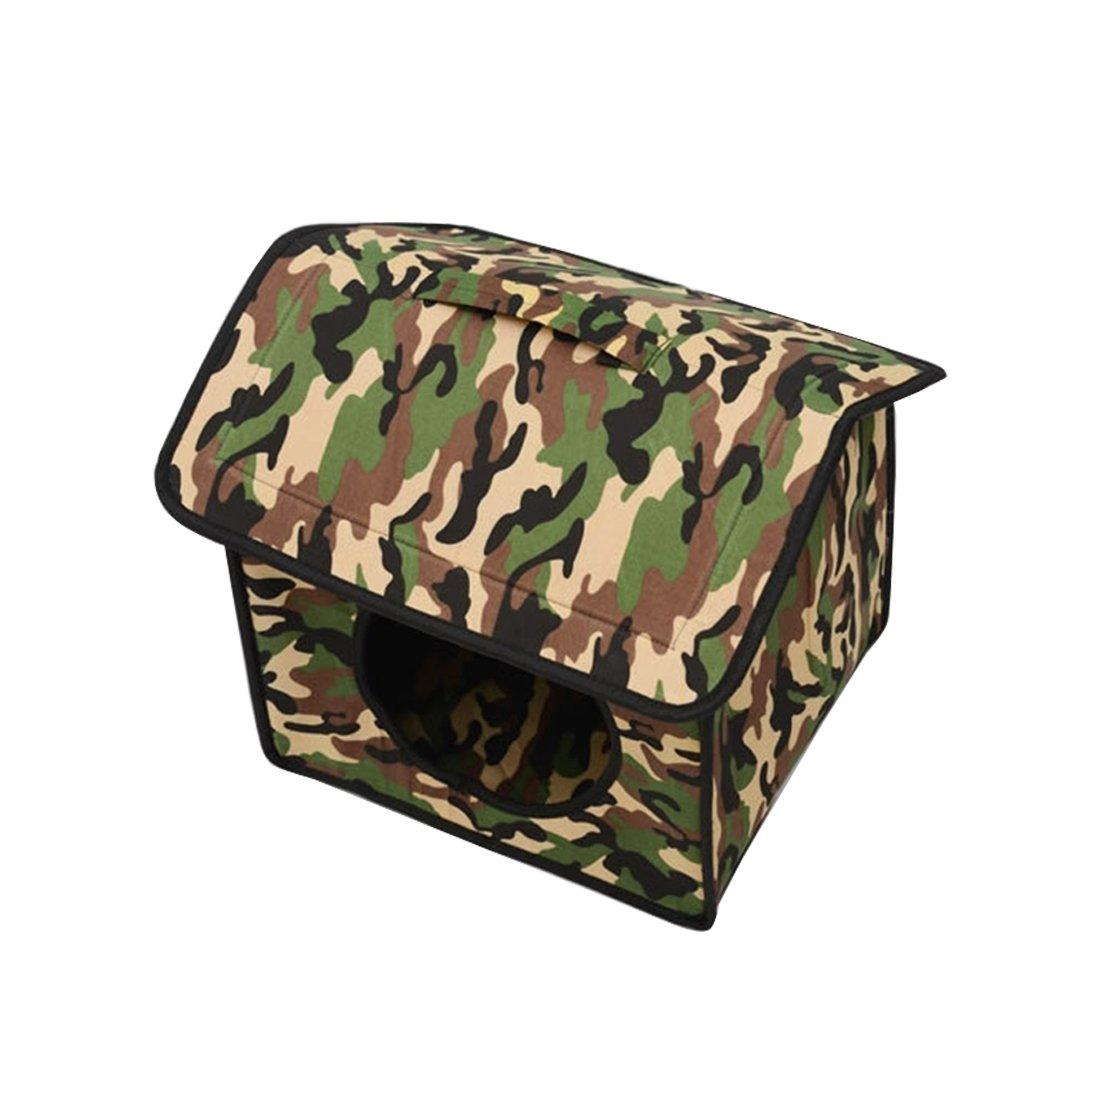 SRY- Prodotti per animali Nave Nest, L, Dimensione    45,0 x 35,0 x 40,0cm Carino e pratico ( SKU   Hc2265f ) 7bb61a